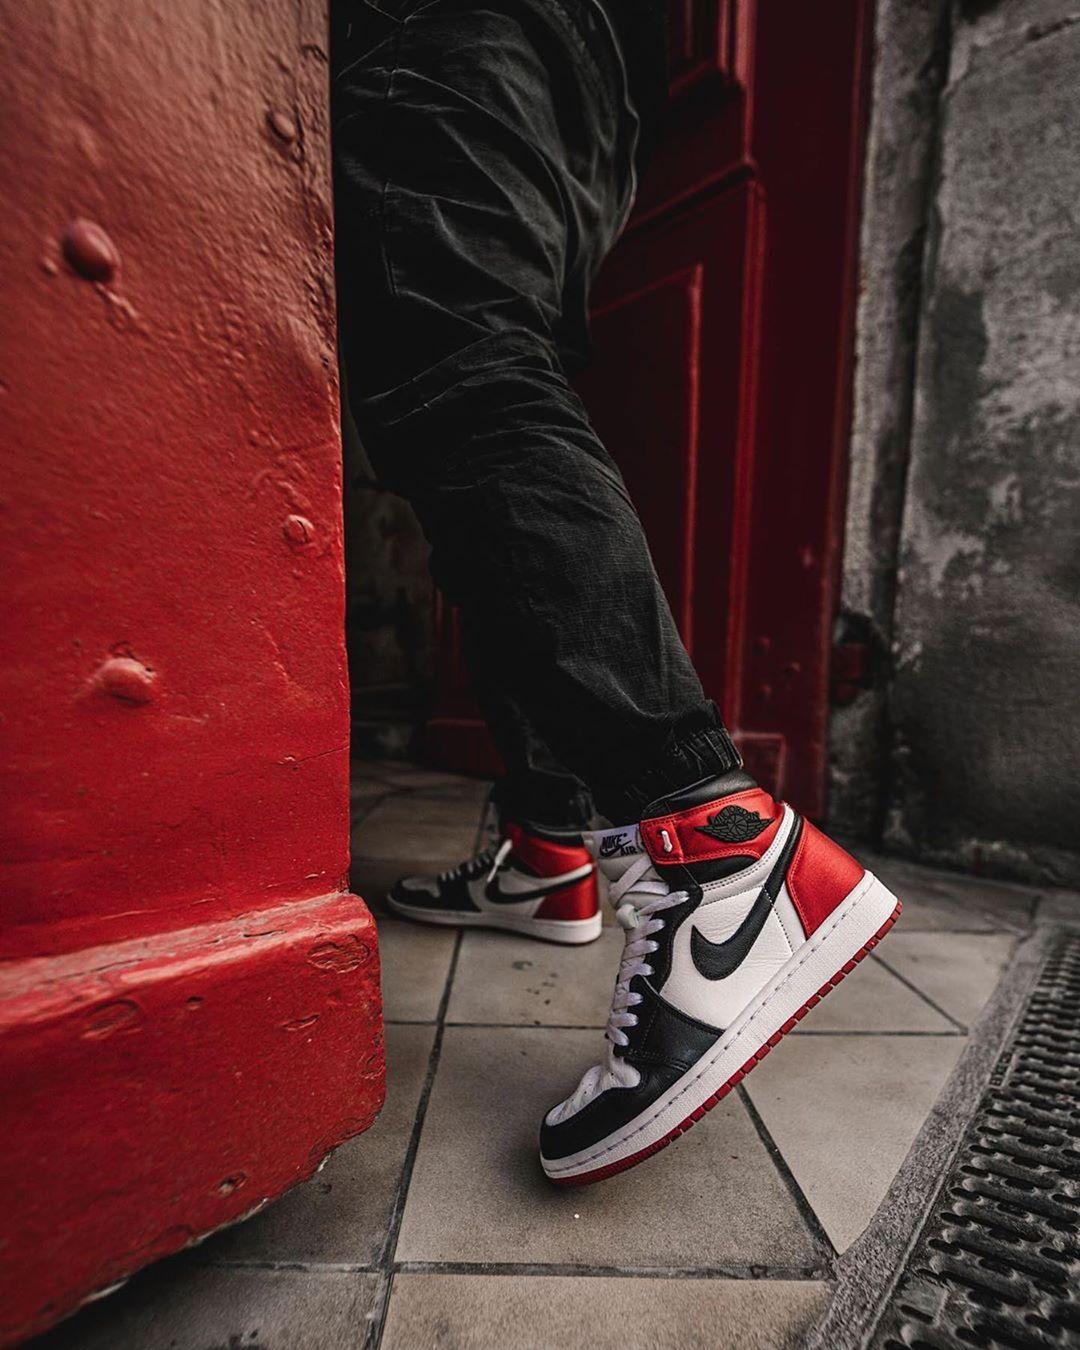 Nike,Dunk,Air Jordan 1,Yeezy,发  情人节 Dunk 暴涨 2K!「冲冲日」又来了?别忘了去年这二十双血亏球鞋!